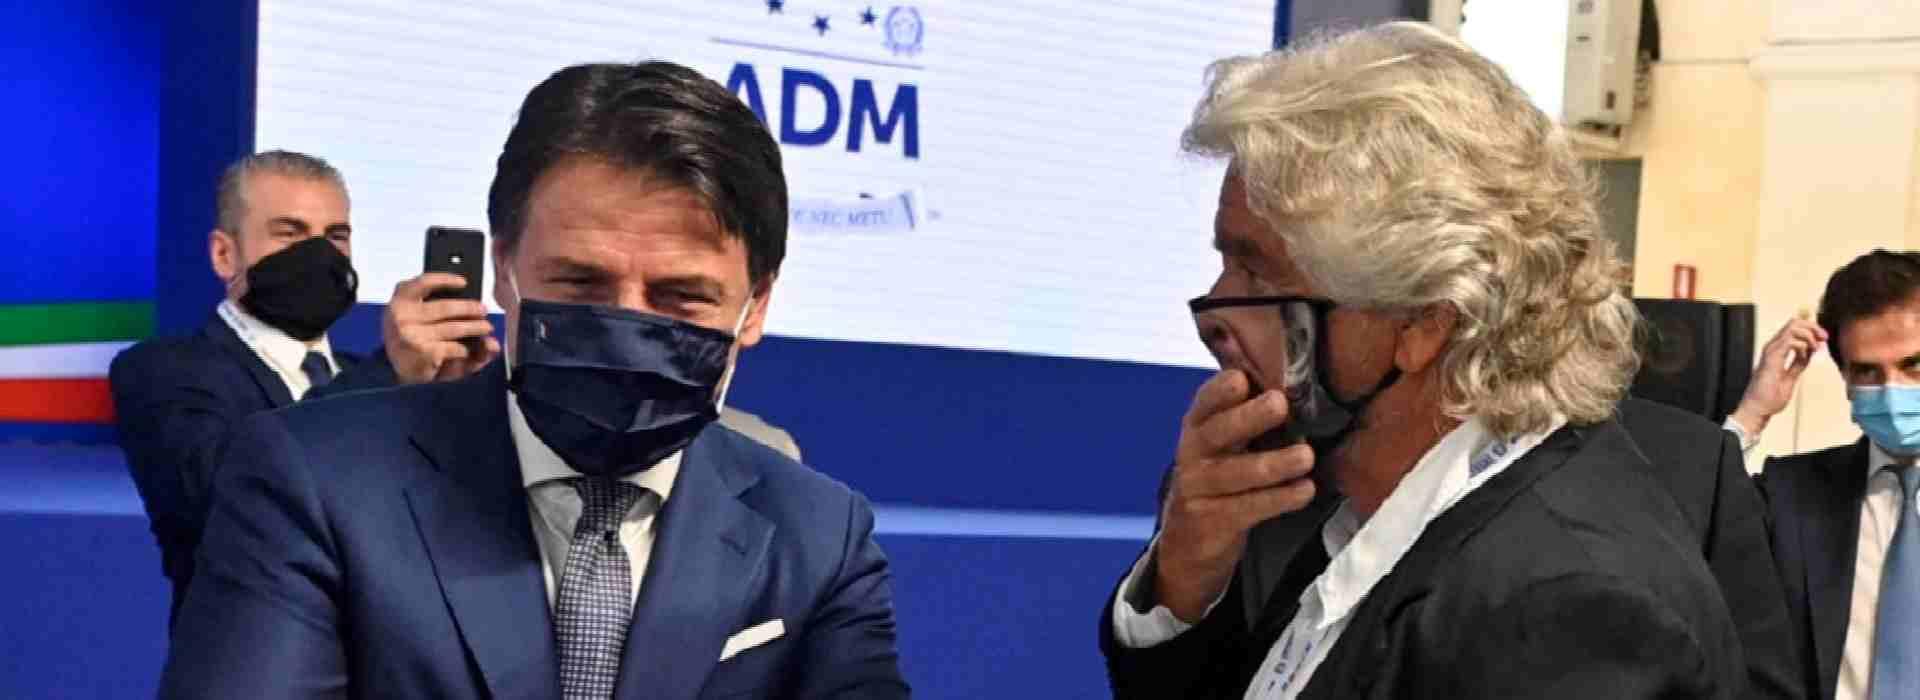 Giuseppe Conte, Beppe Grillo e gli staff dei nipoti e dei cantanti